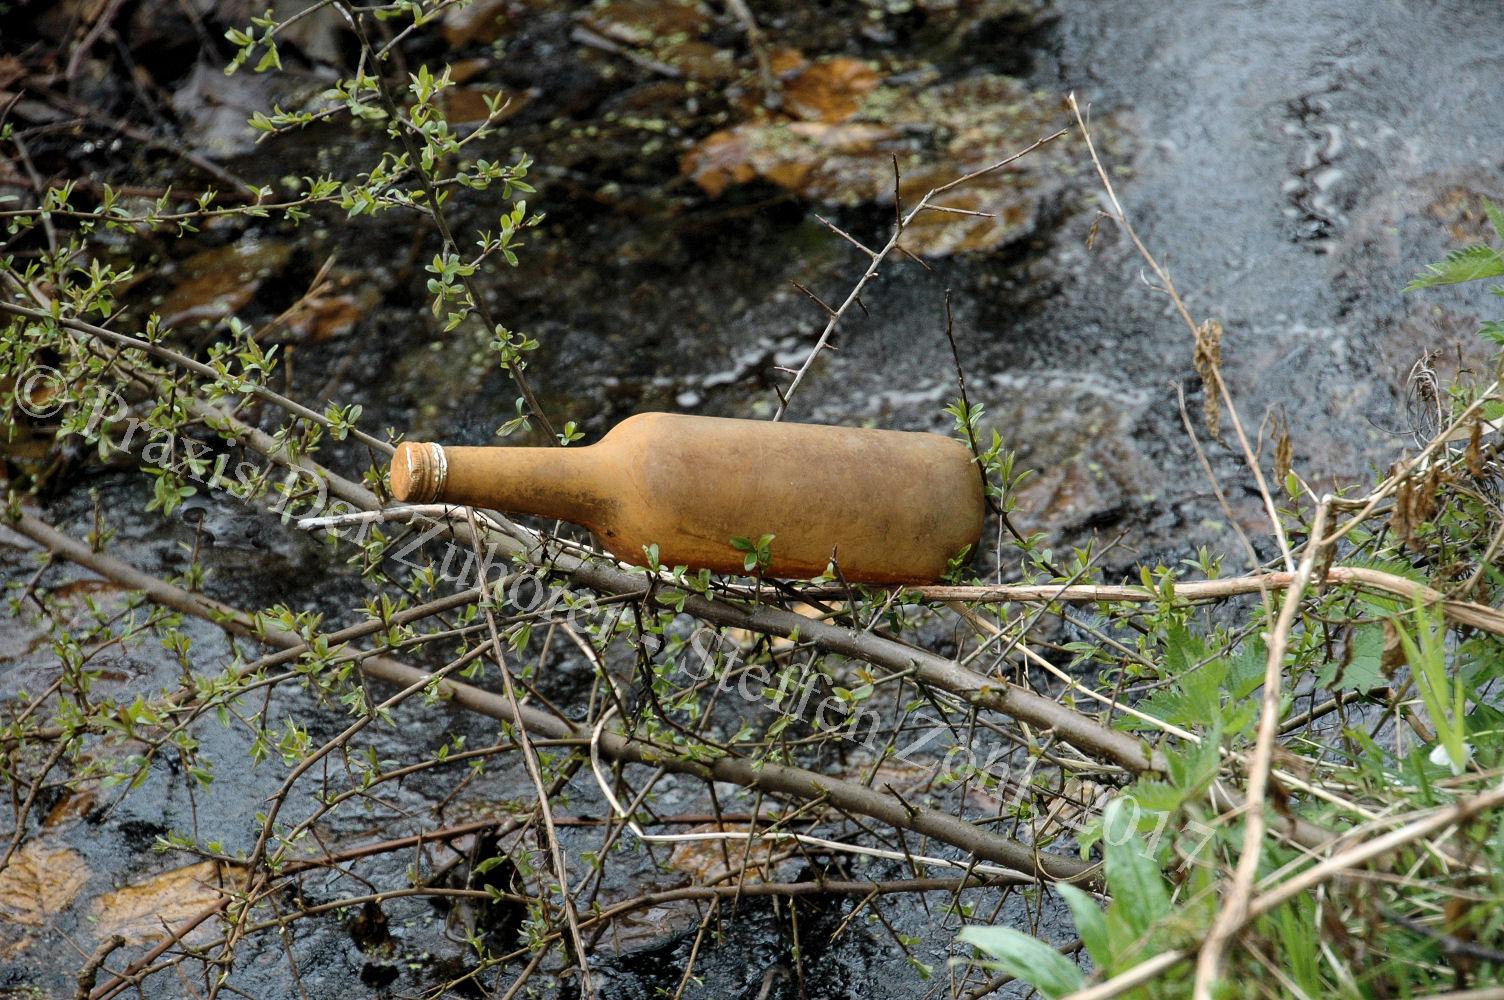 SinnSationsGeschichten Geheimnis der alten Flasche © Praxis Der Zuhörer - Steffen Zöhl, 2017